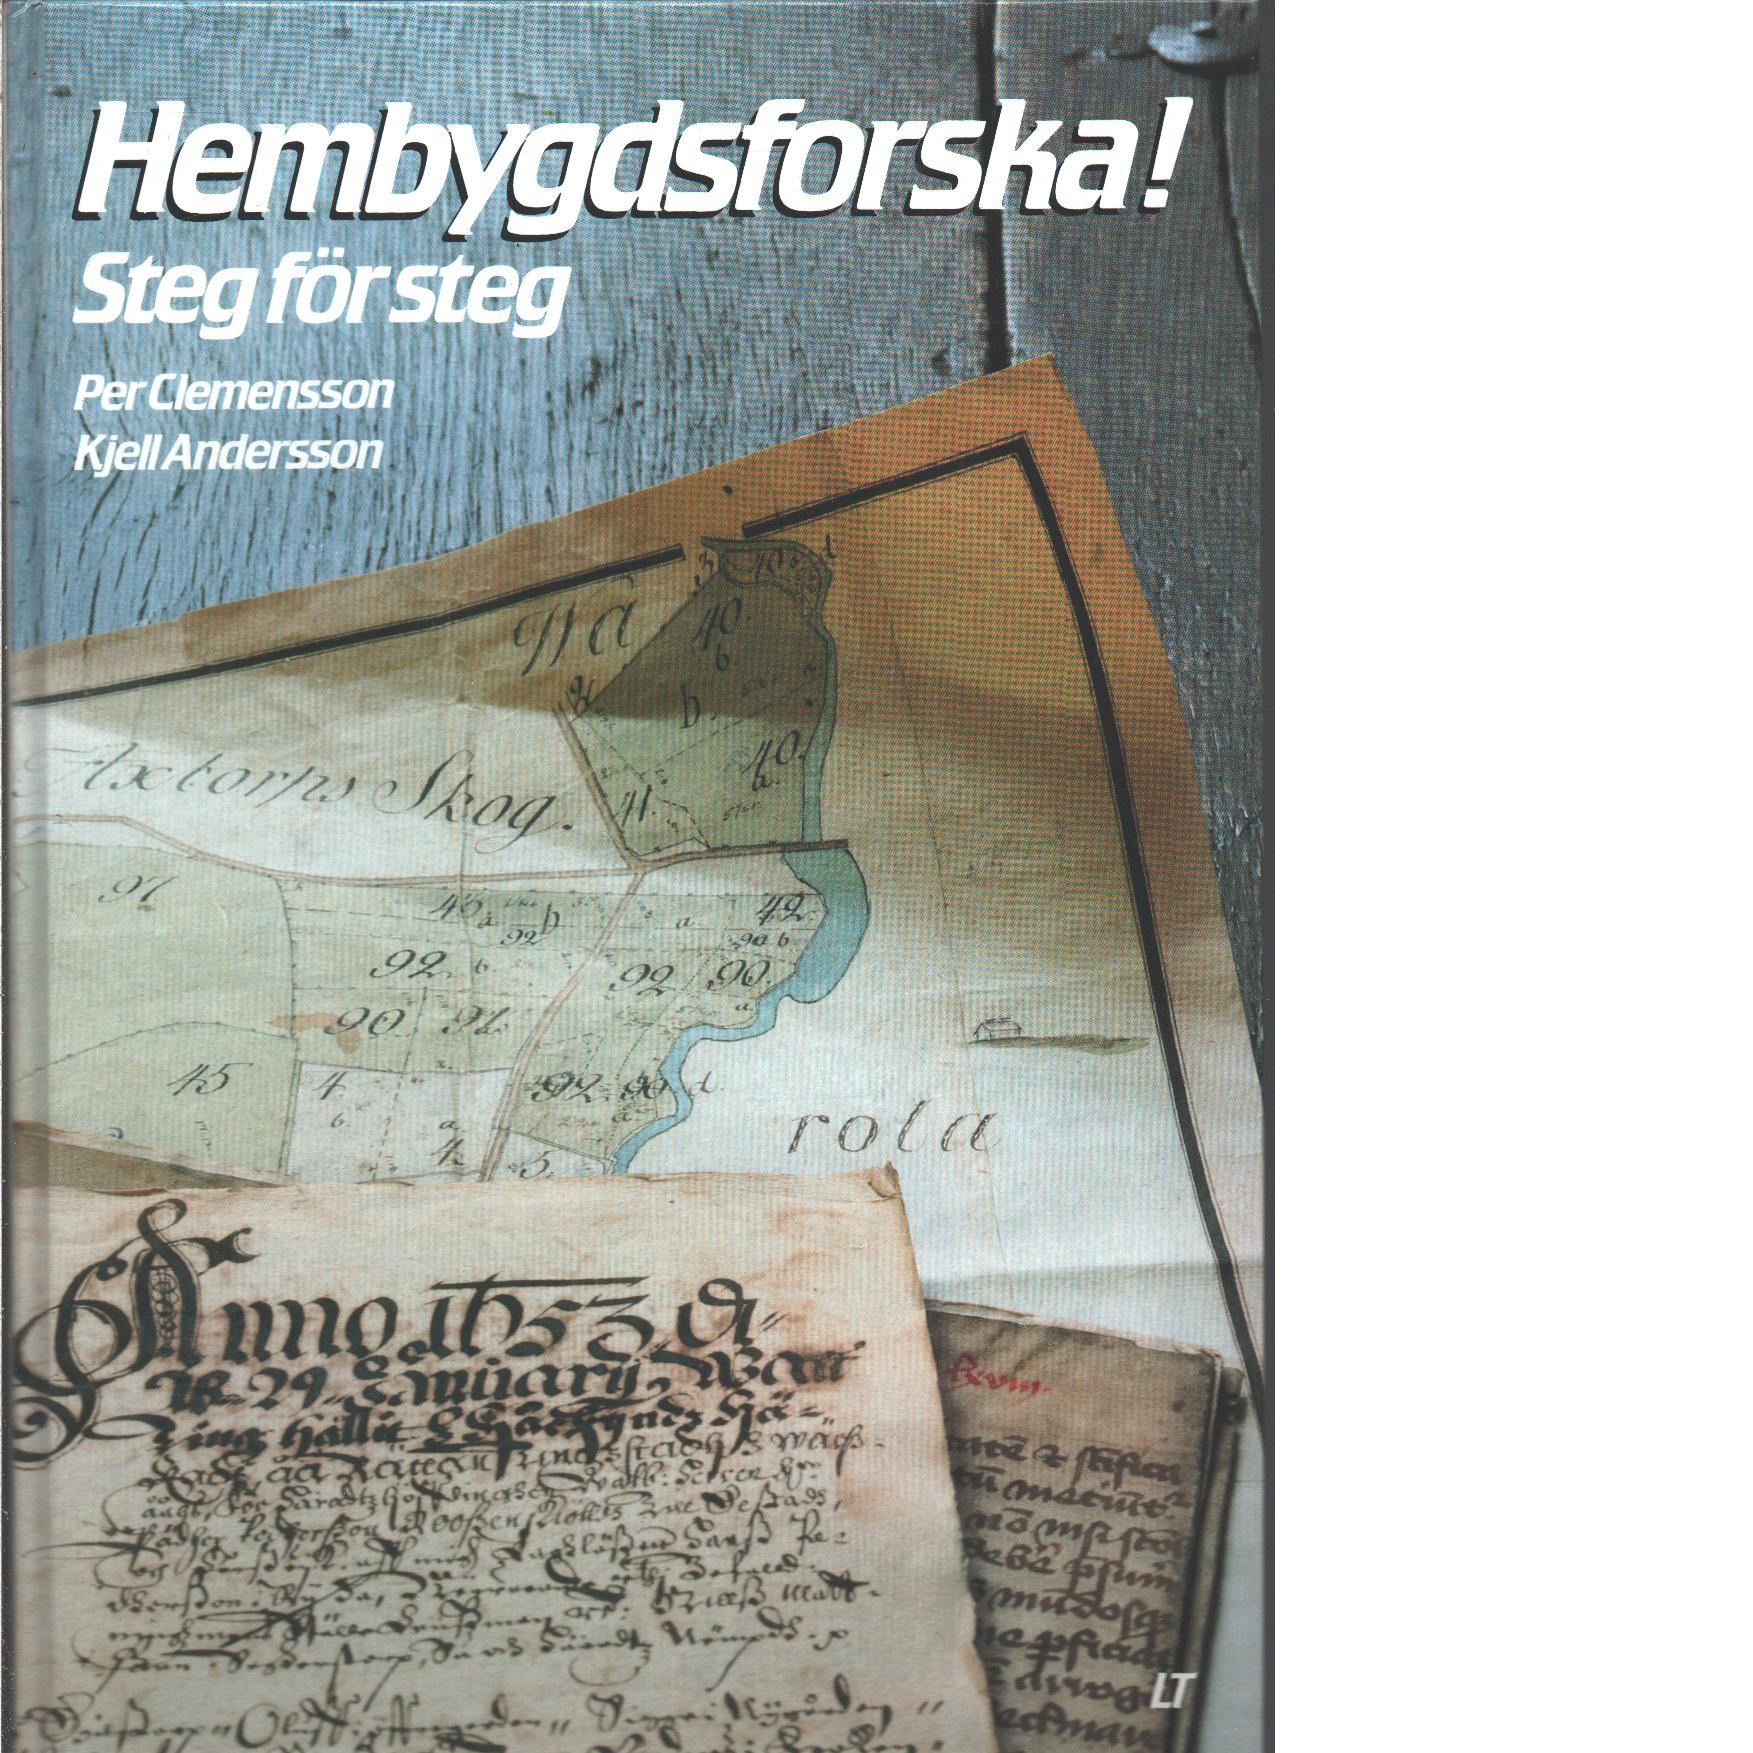 Hembygdsforska! : steg för steg - Clemensson, Per Och Andersson, Kjell